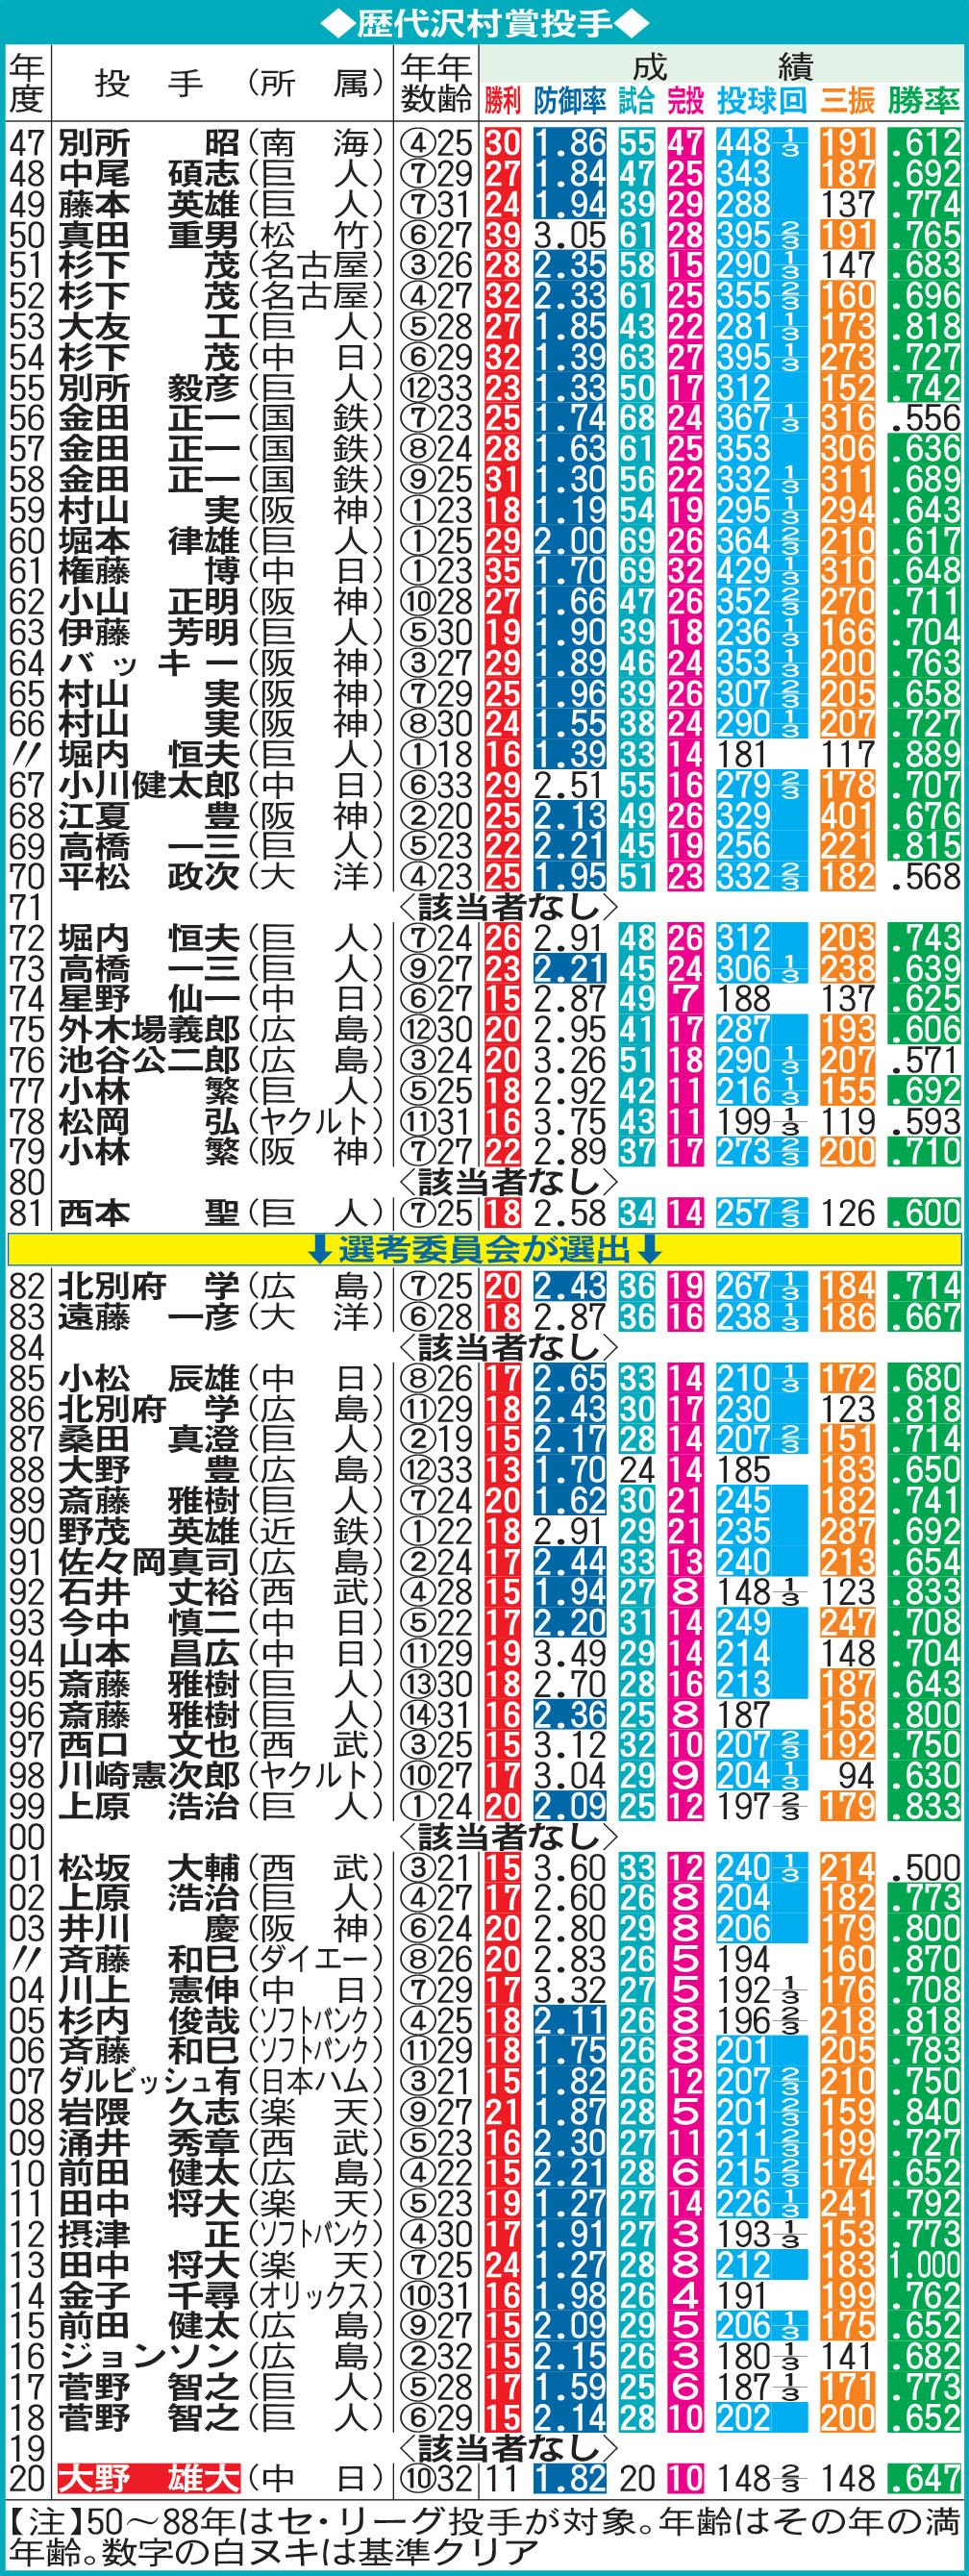 歴代沢村賞投手